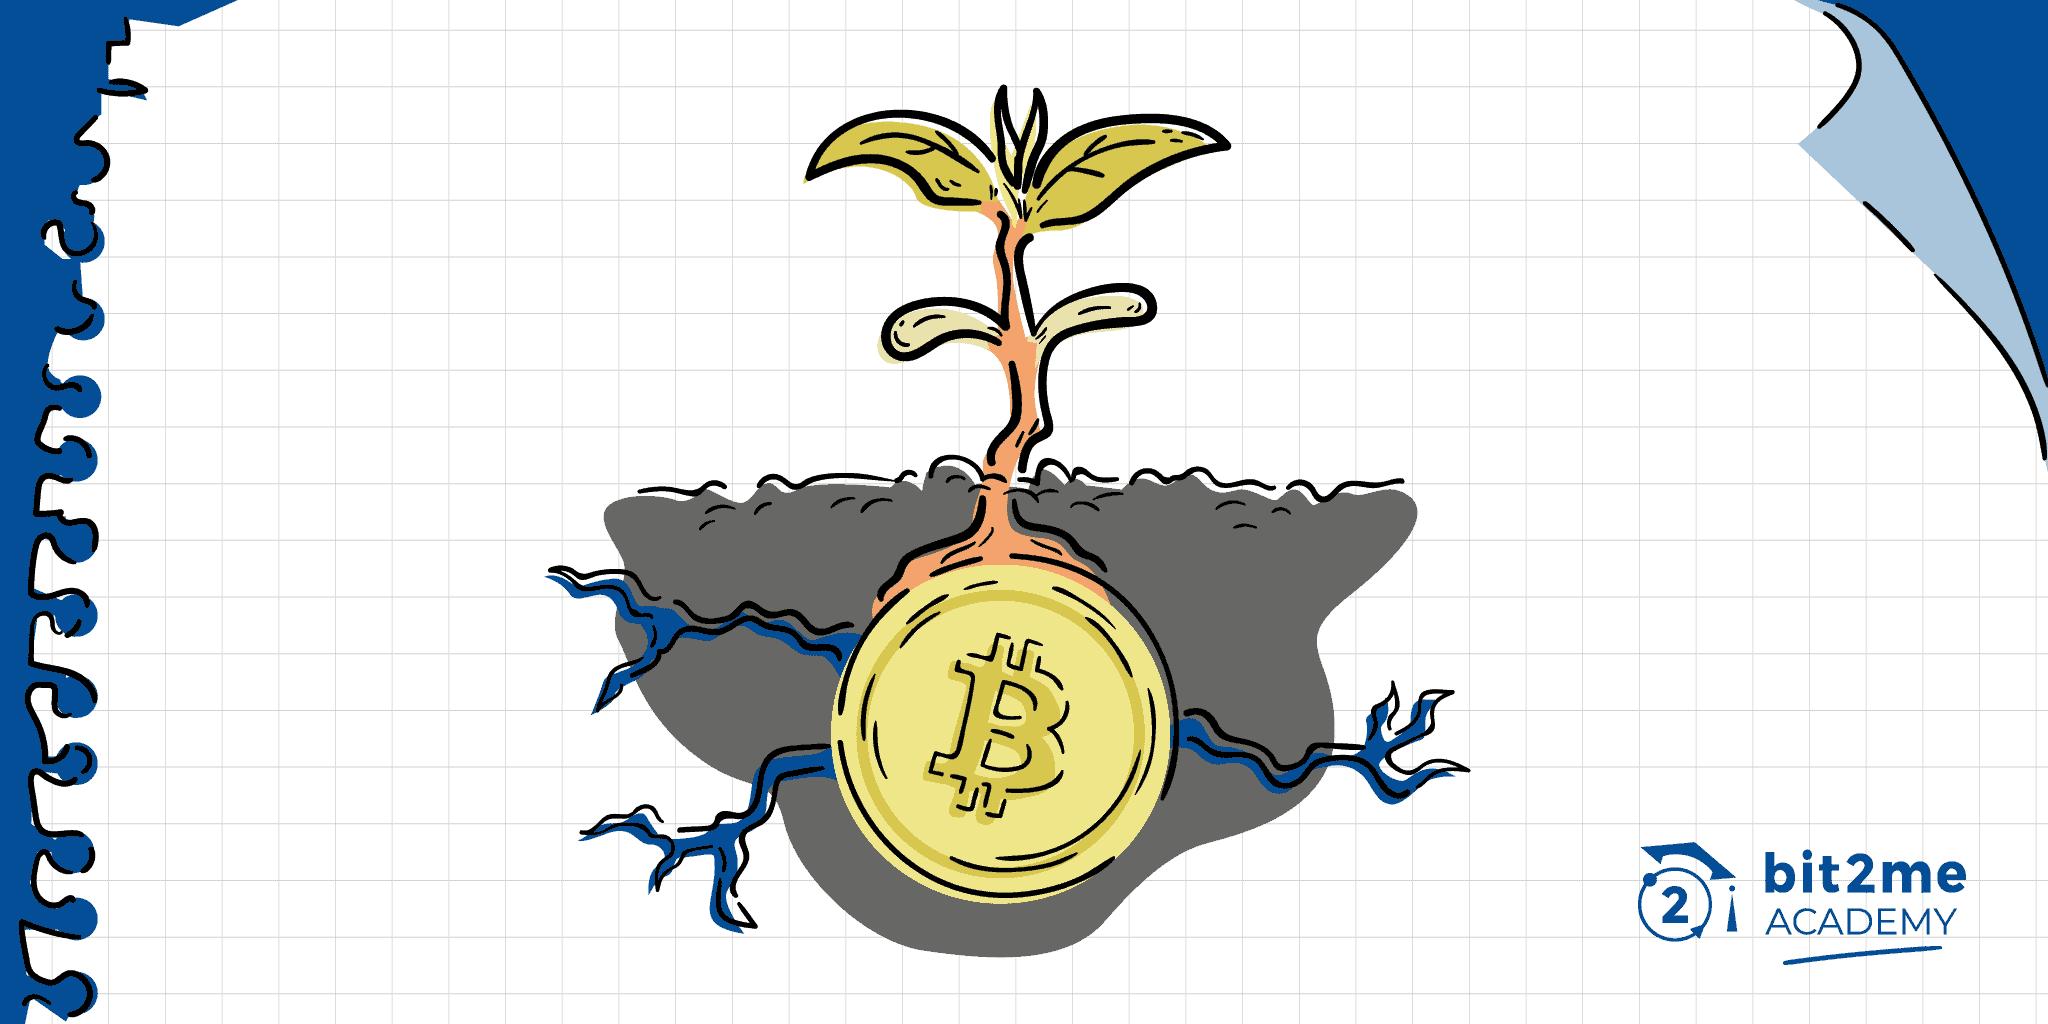 cosa sta investendo in bitcoin, come investire in bitcoin